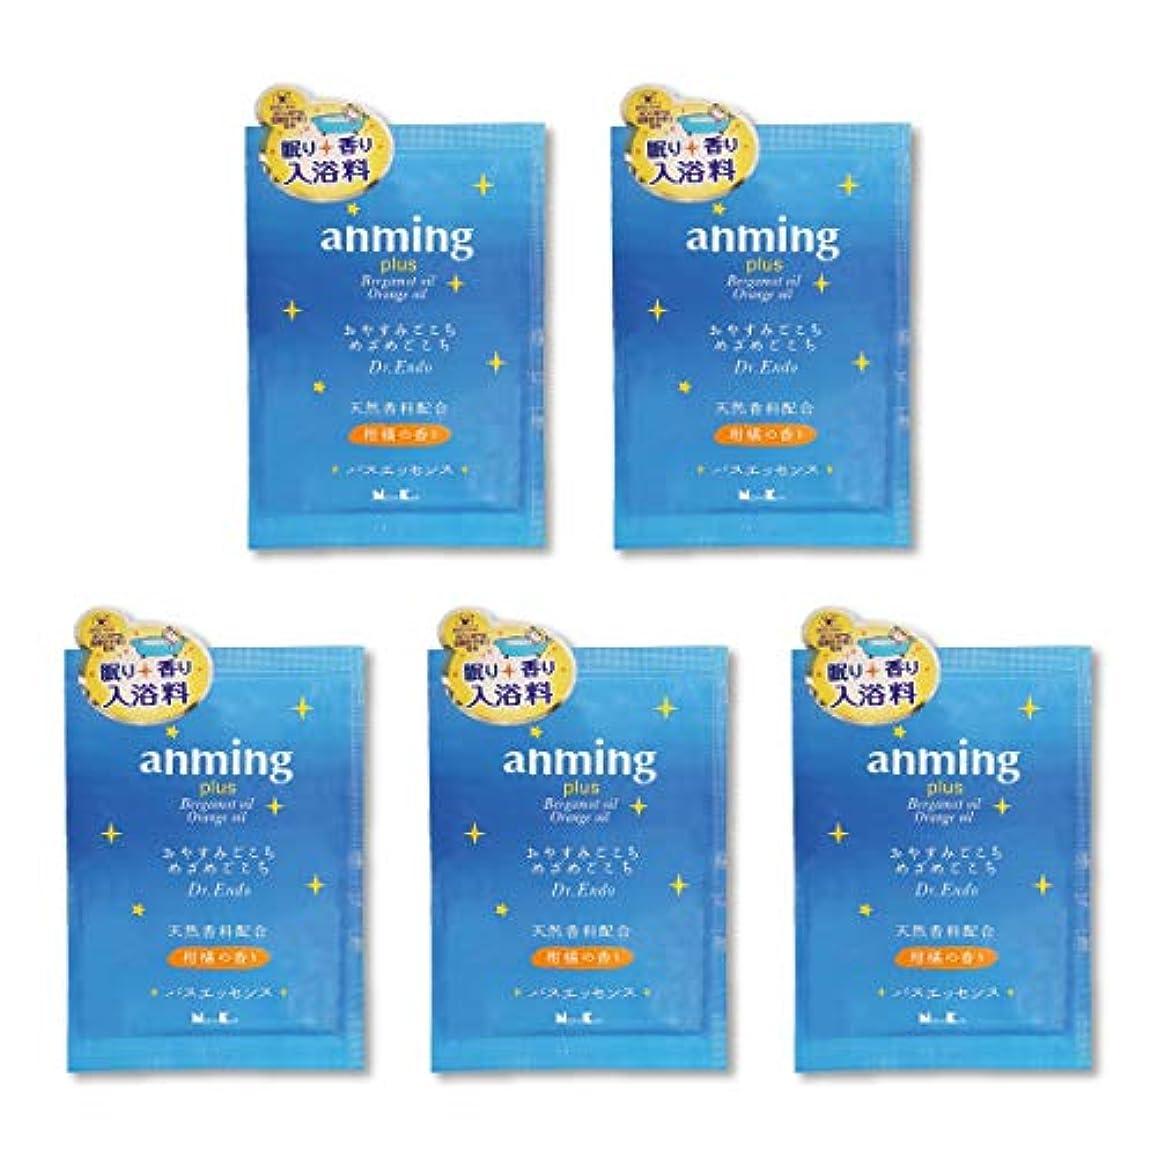 添加チャンバーなだめる【X5袋セット】 anming アンミング プラス バスエッセンス ミニタイプ 25ml